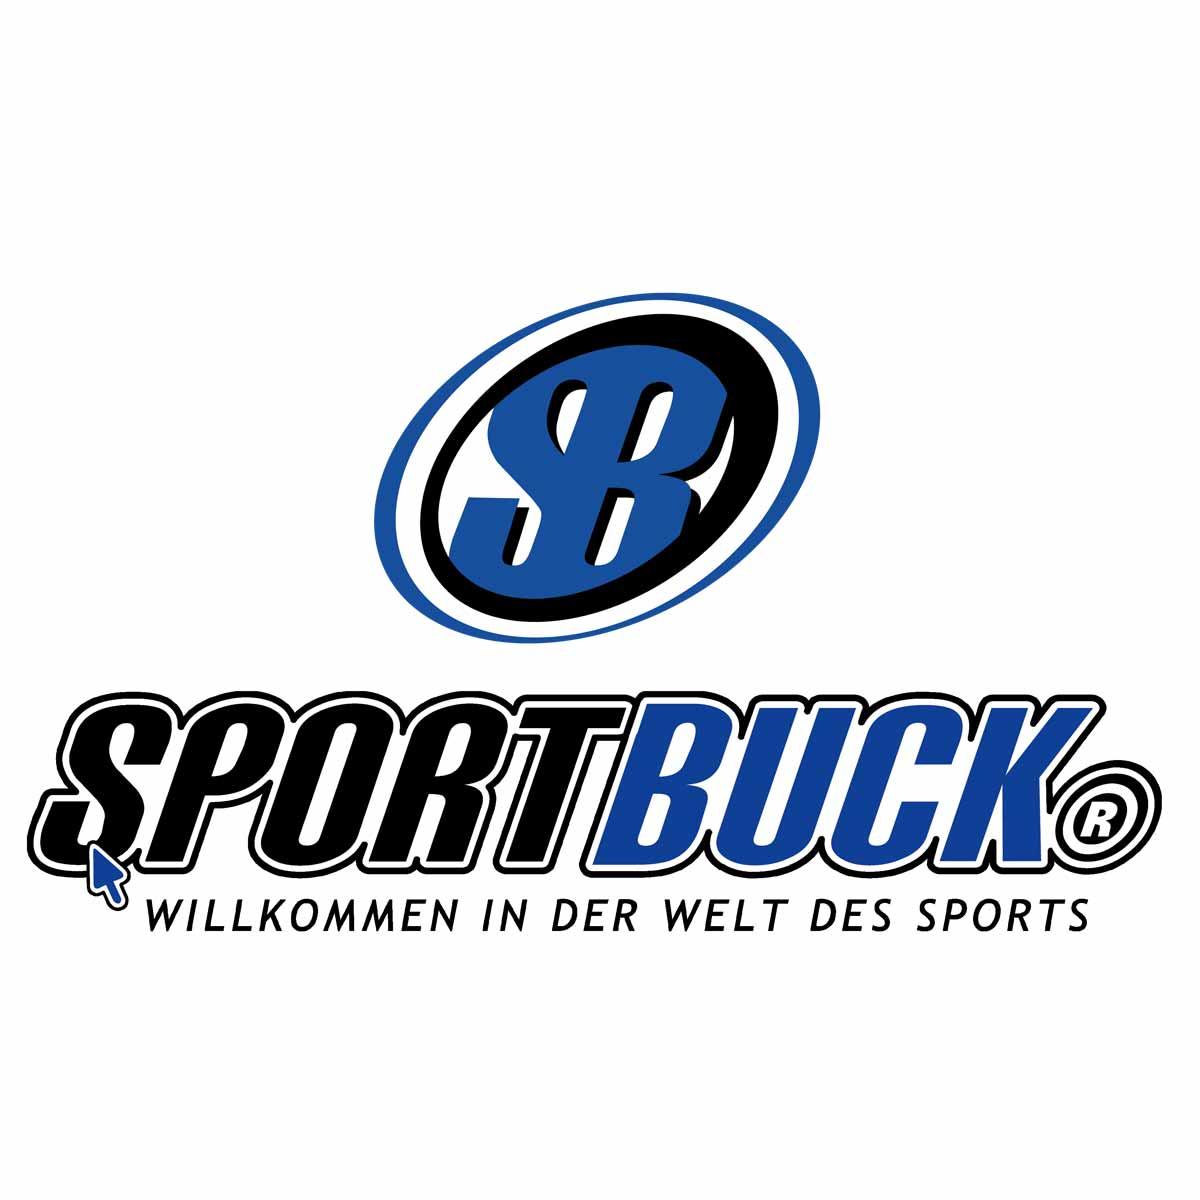 4Athlts Sporttasche Gr. S Blau